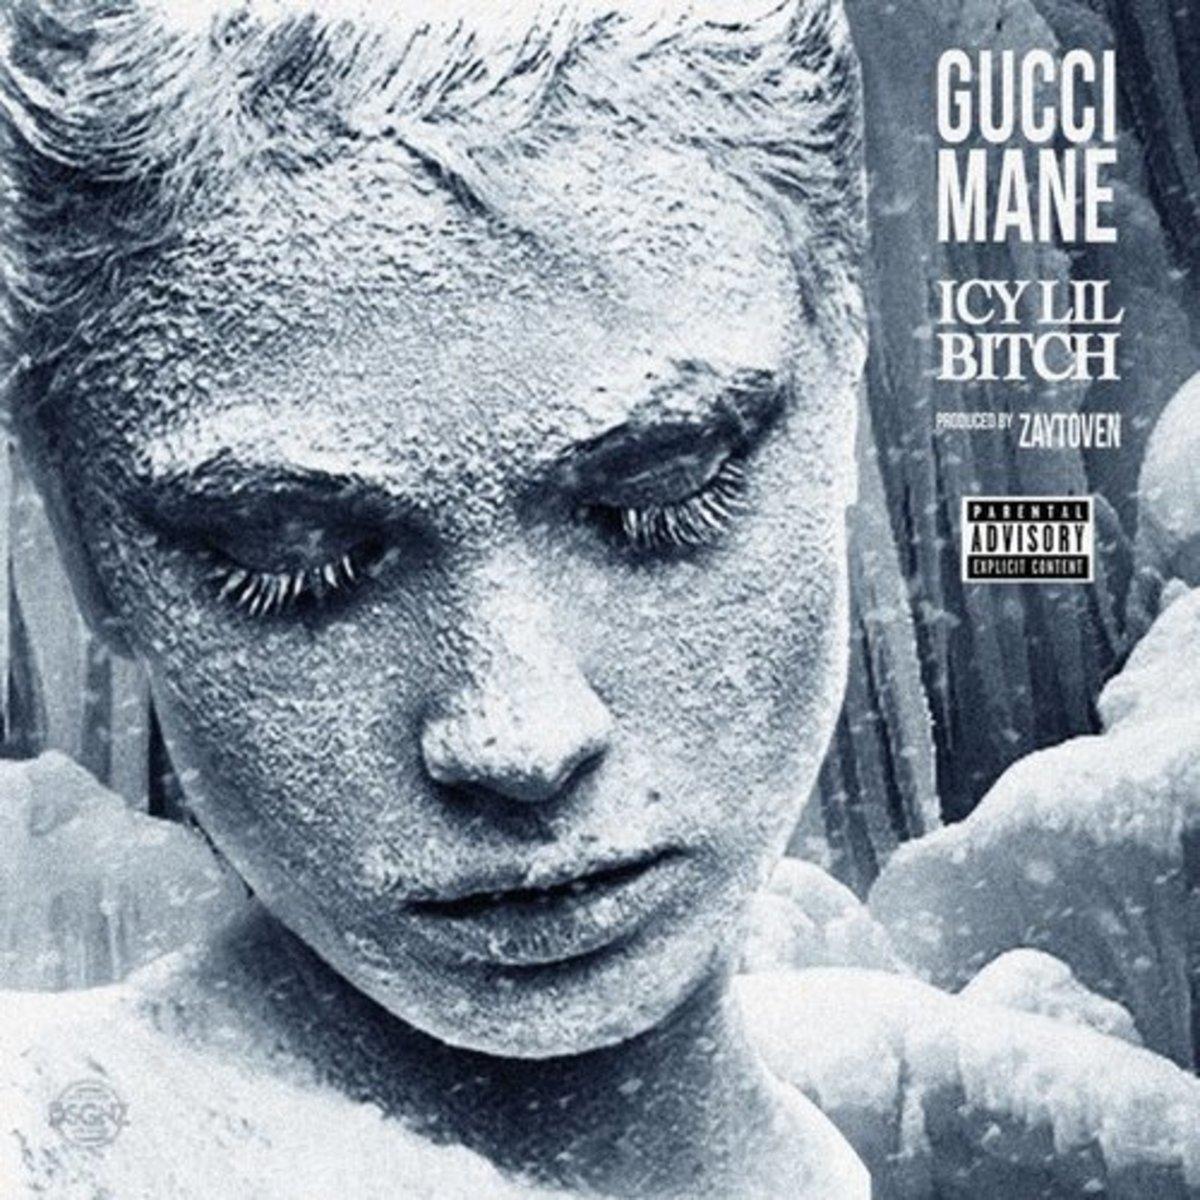 gucci-mane-icy-lil-bitch.jpg